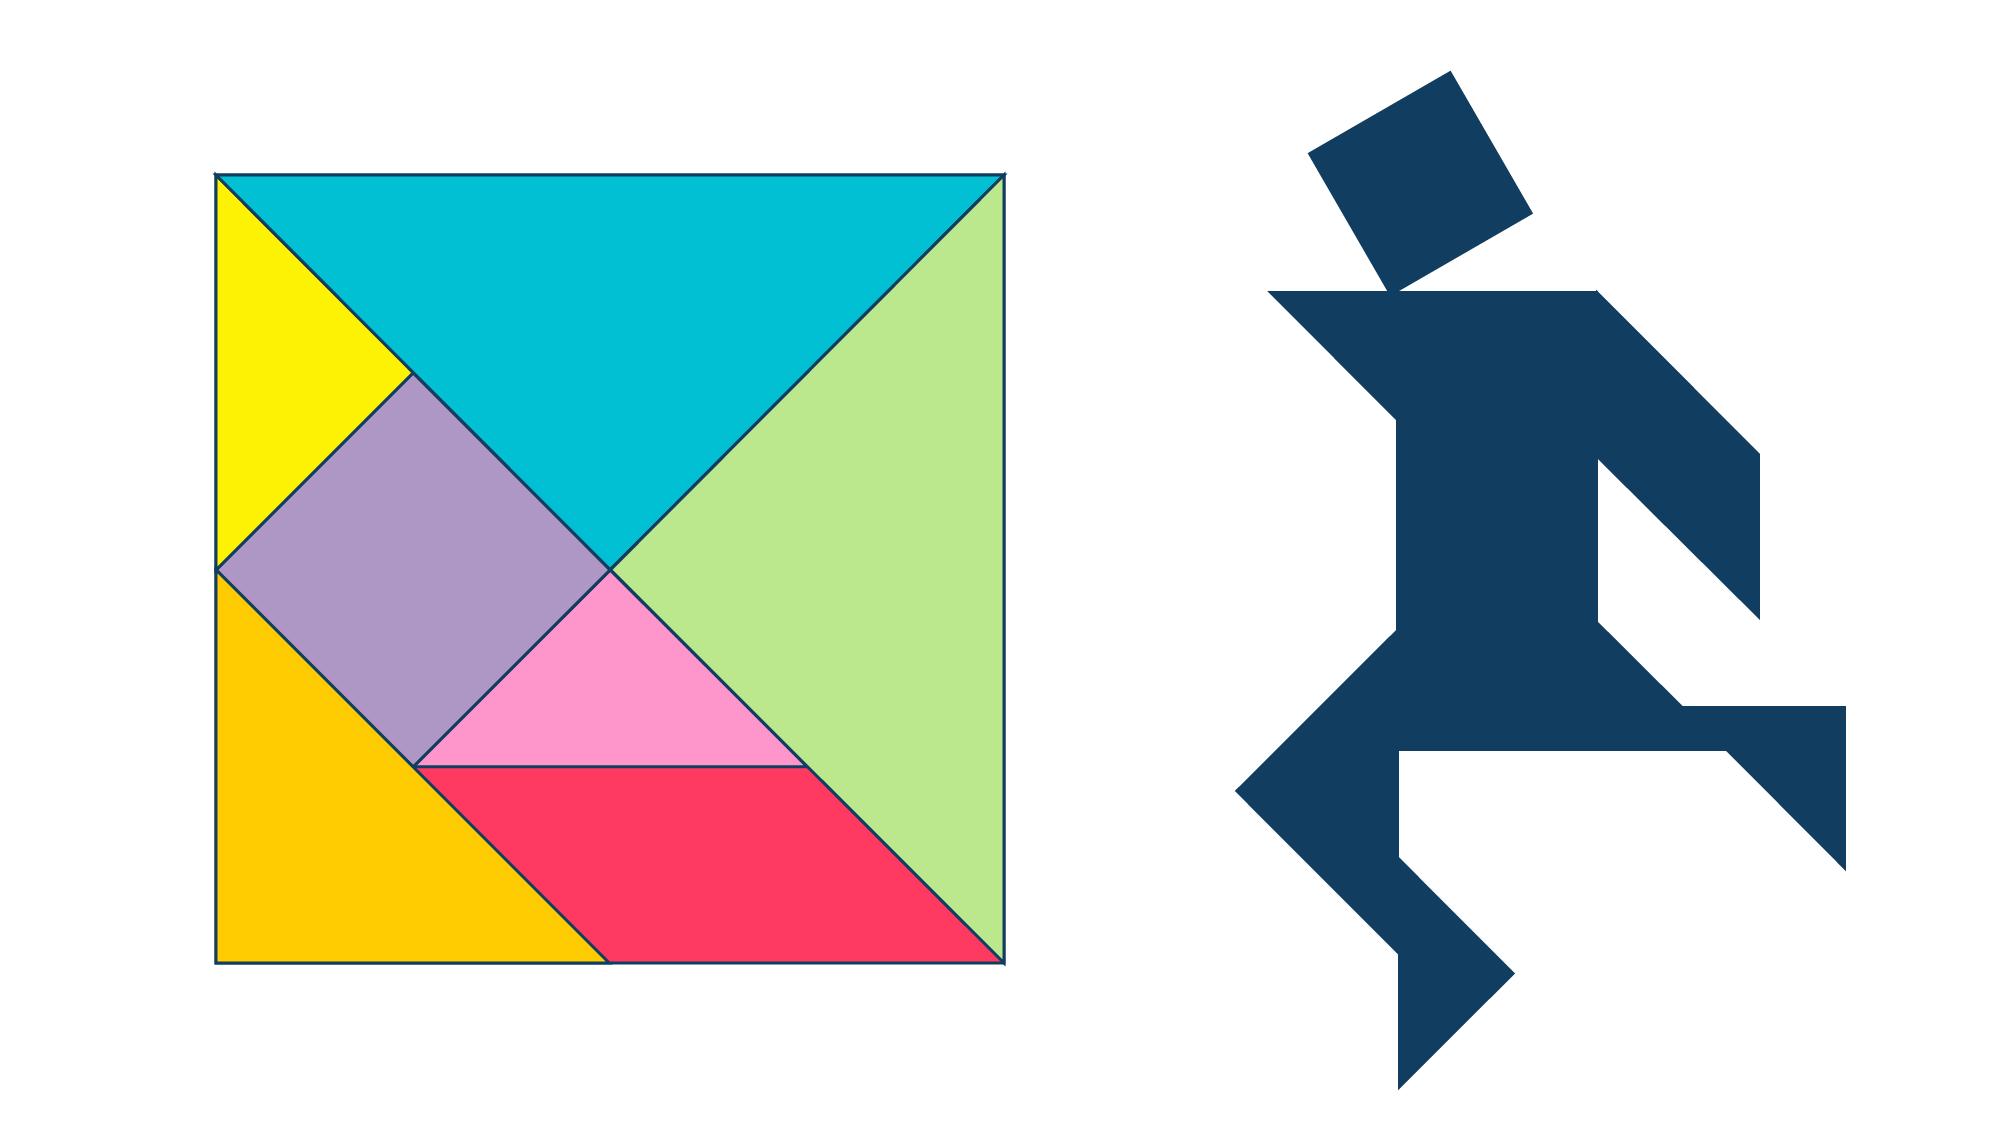 элементы танграма и силуэт — условие головоломки